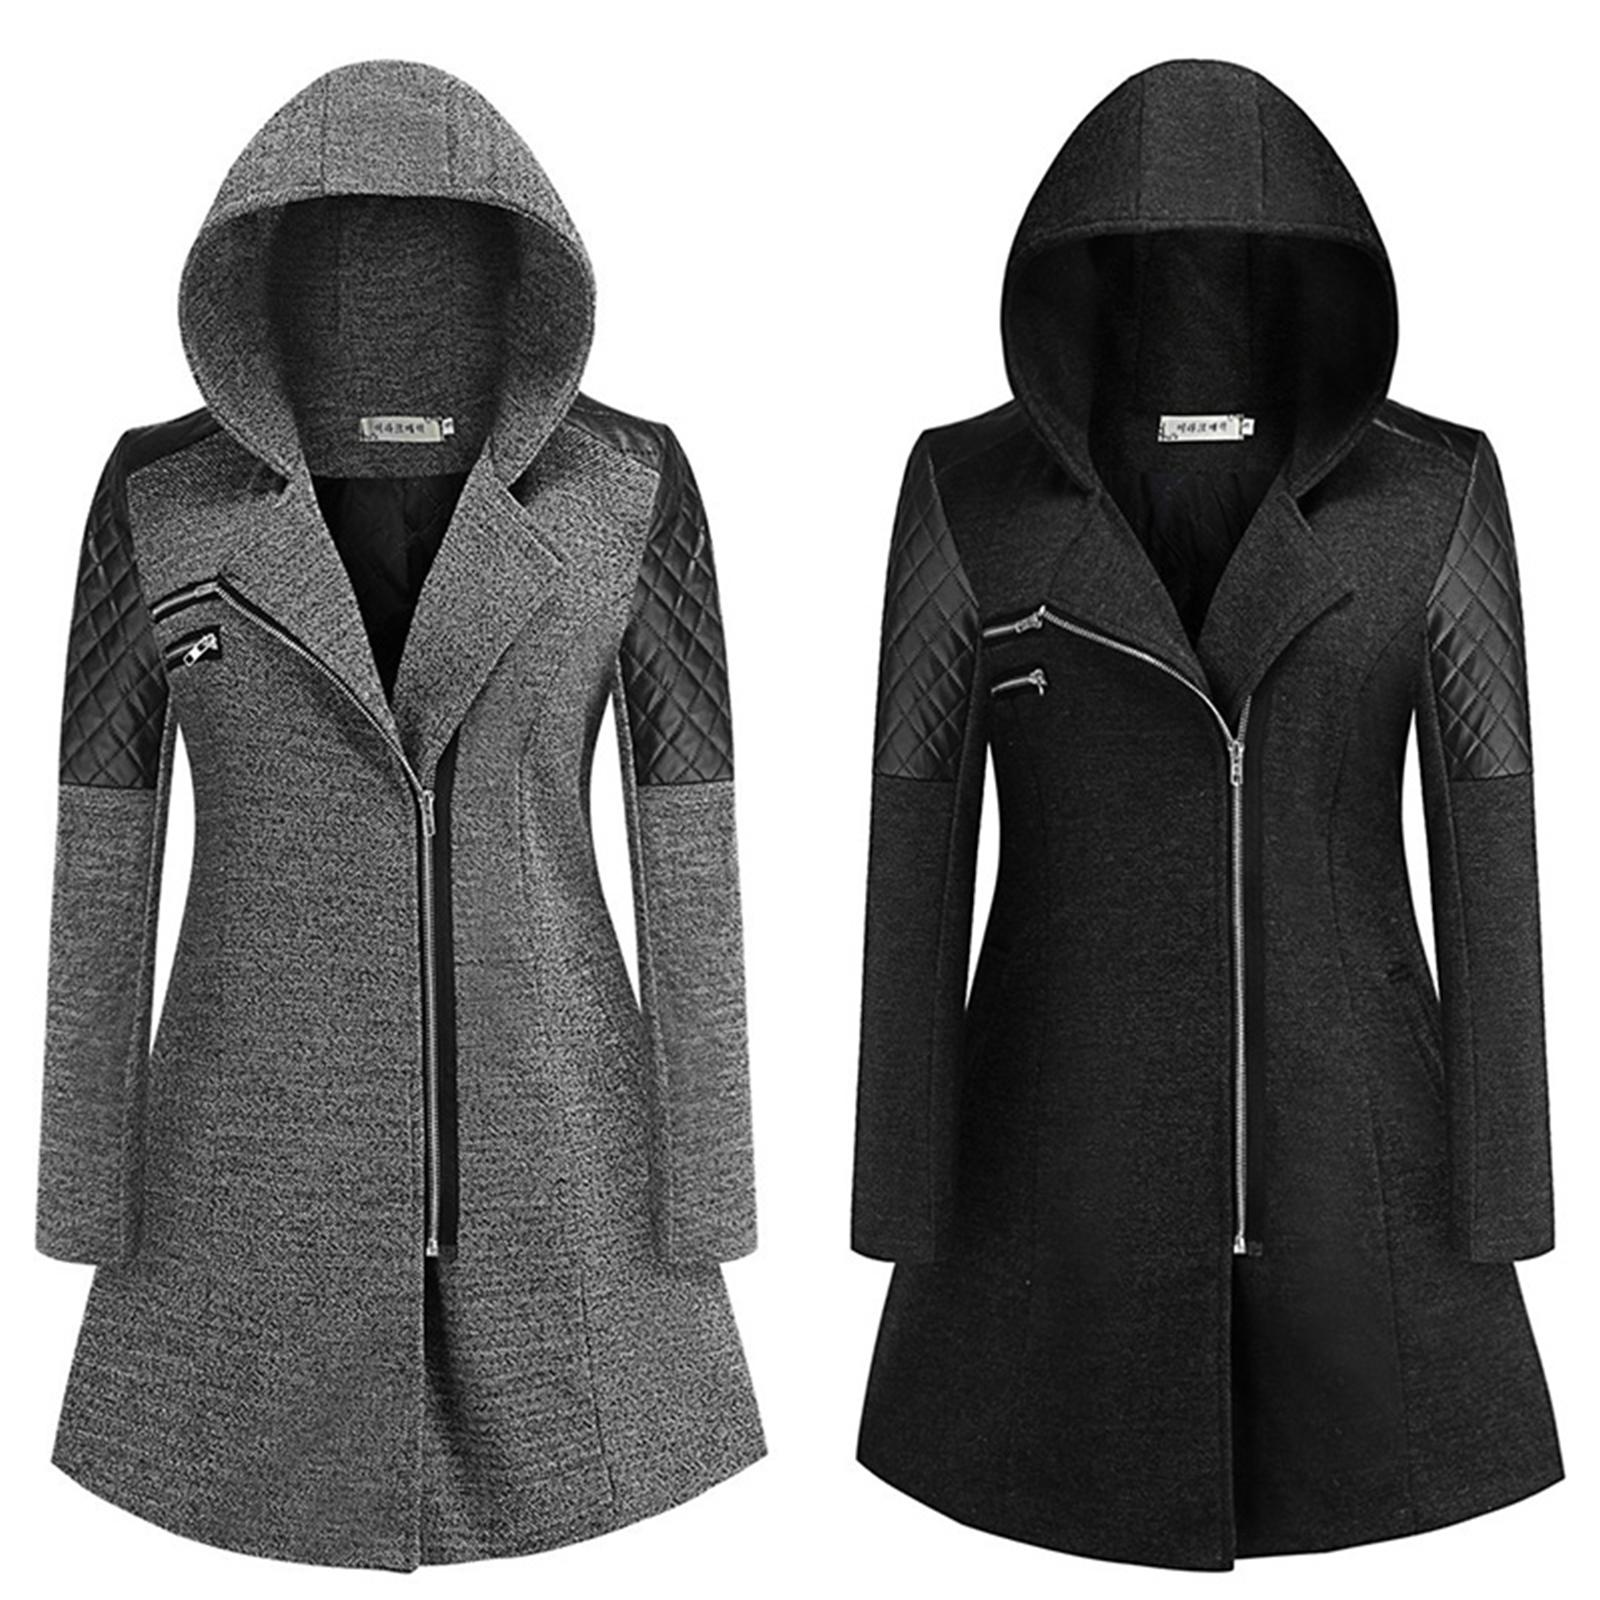 Veste cool avec capuche à manches longues avec fermeture à glissière pour femmes pour hiver Tops chauds